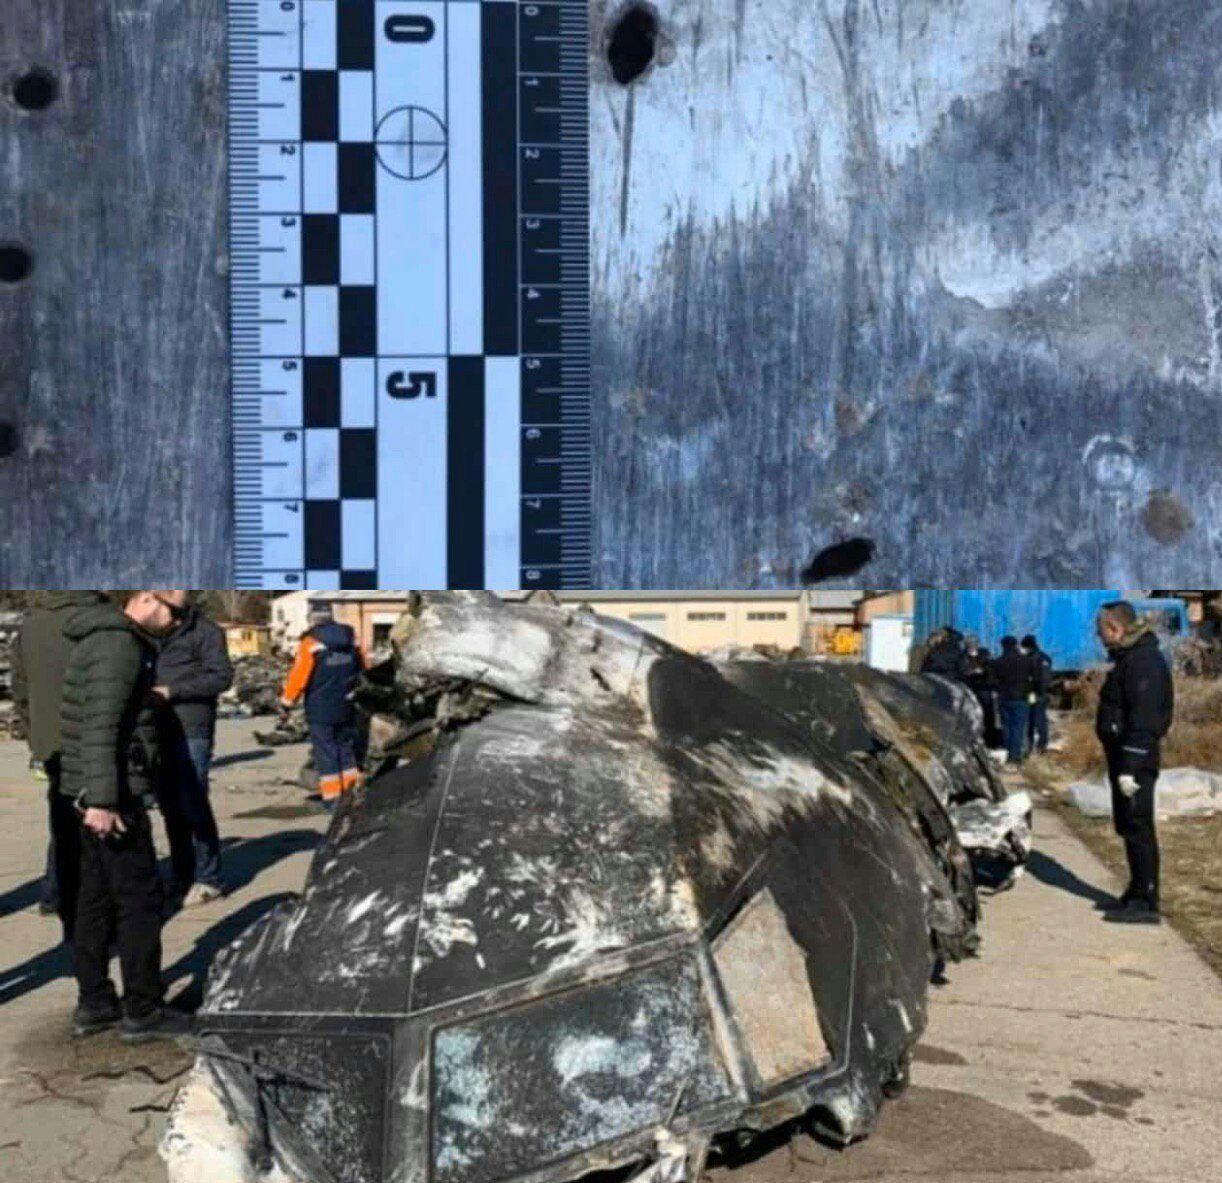 عکس| بازسازی بقایای هواپیمای سرنگون شده اوکراینی در تهران/ جزئیات جدید از شلیک موشک و مرگ خلبان